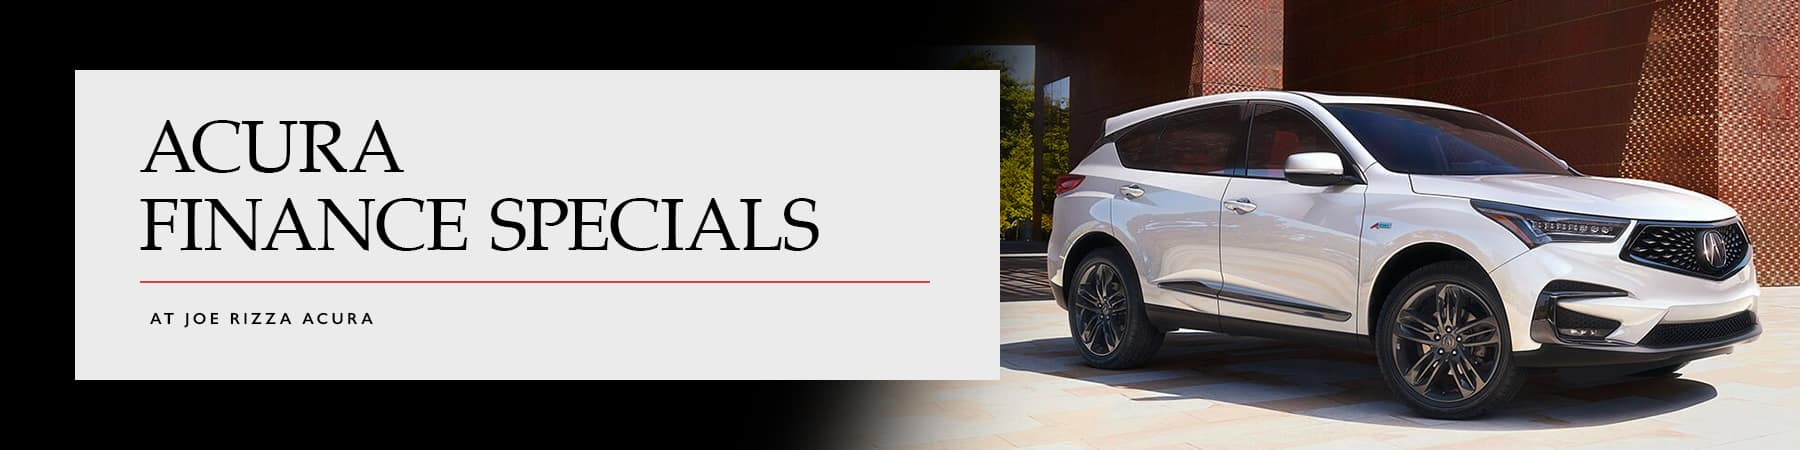 Joe Rizza Acura Finance Offers in Chicago, Illinois